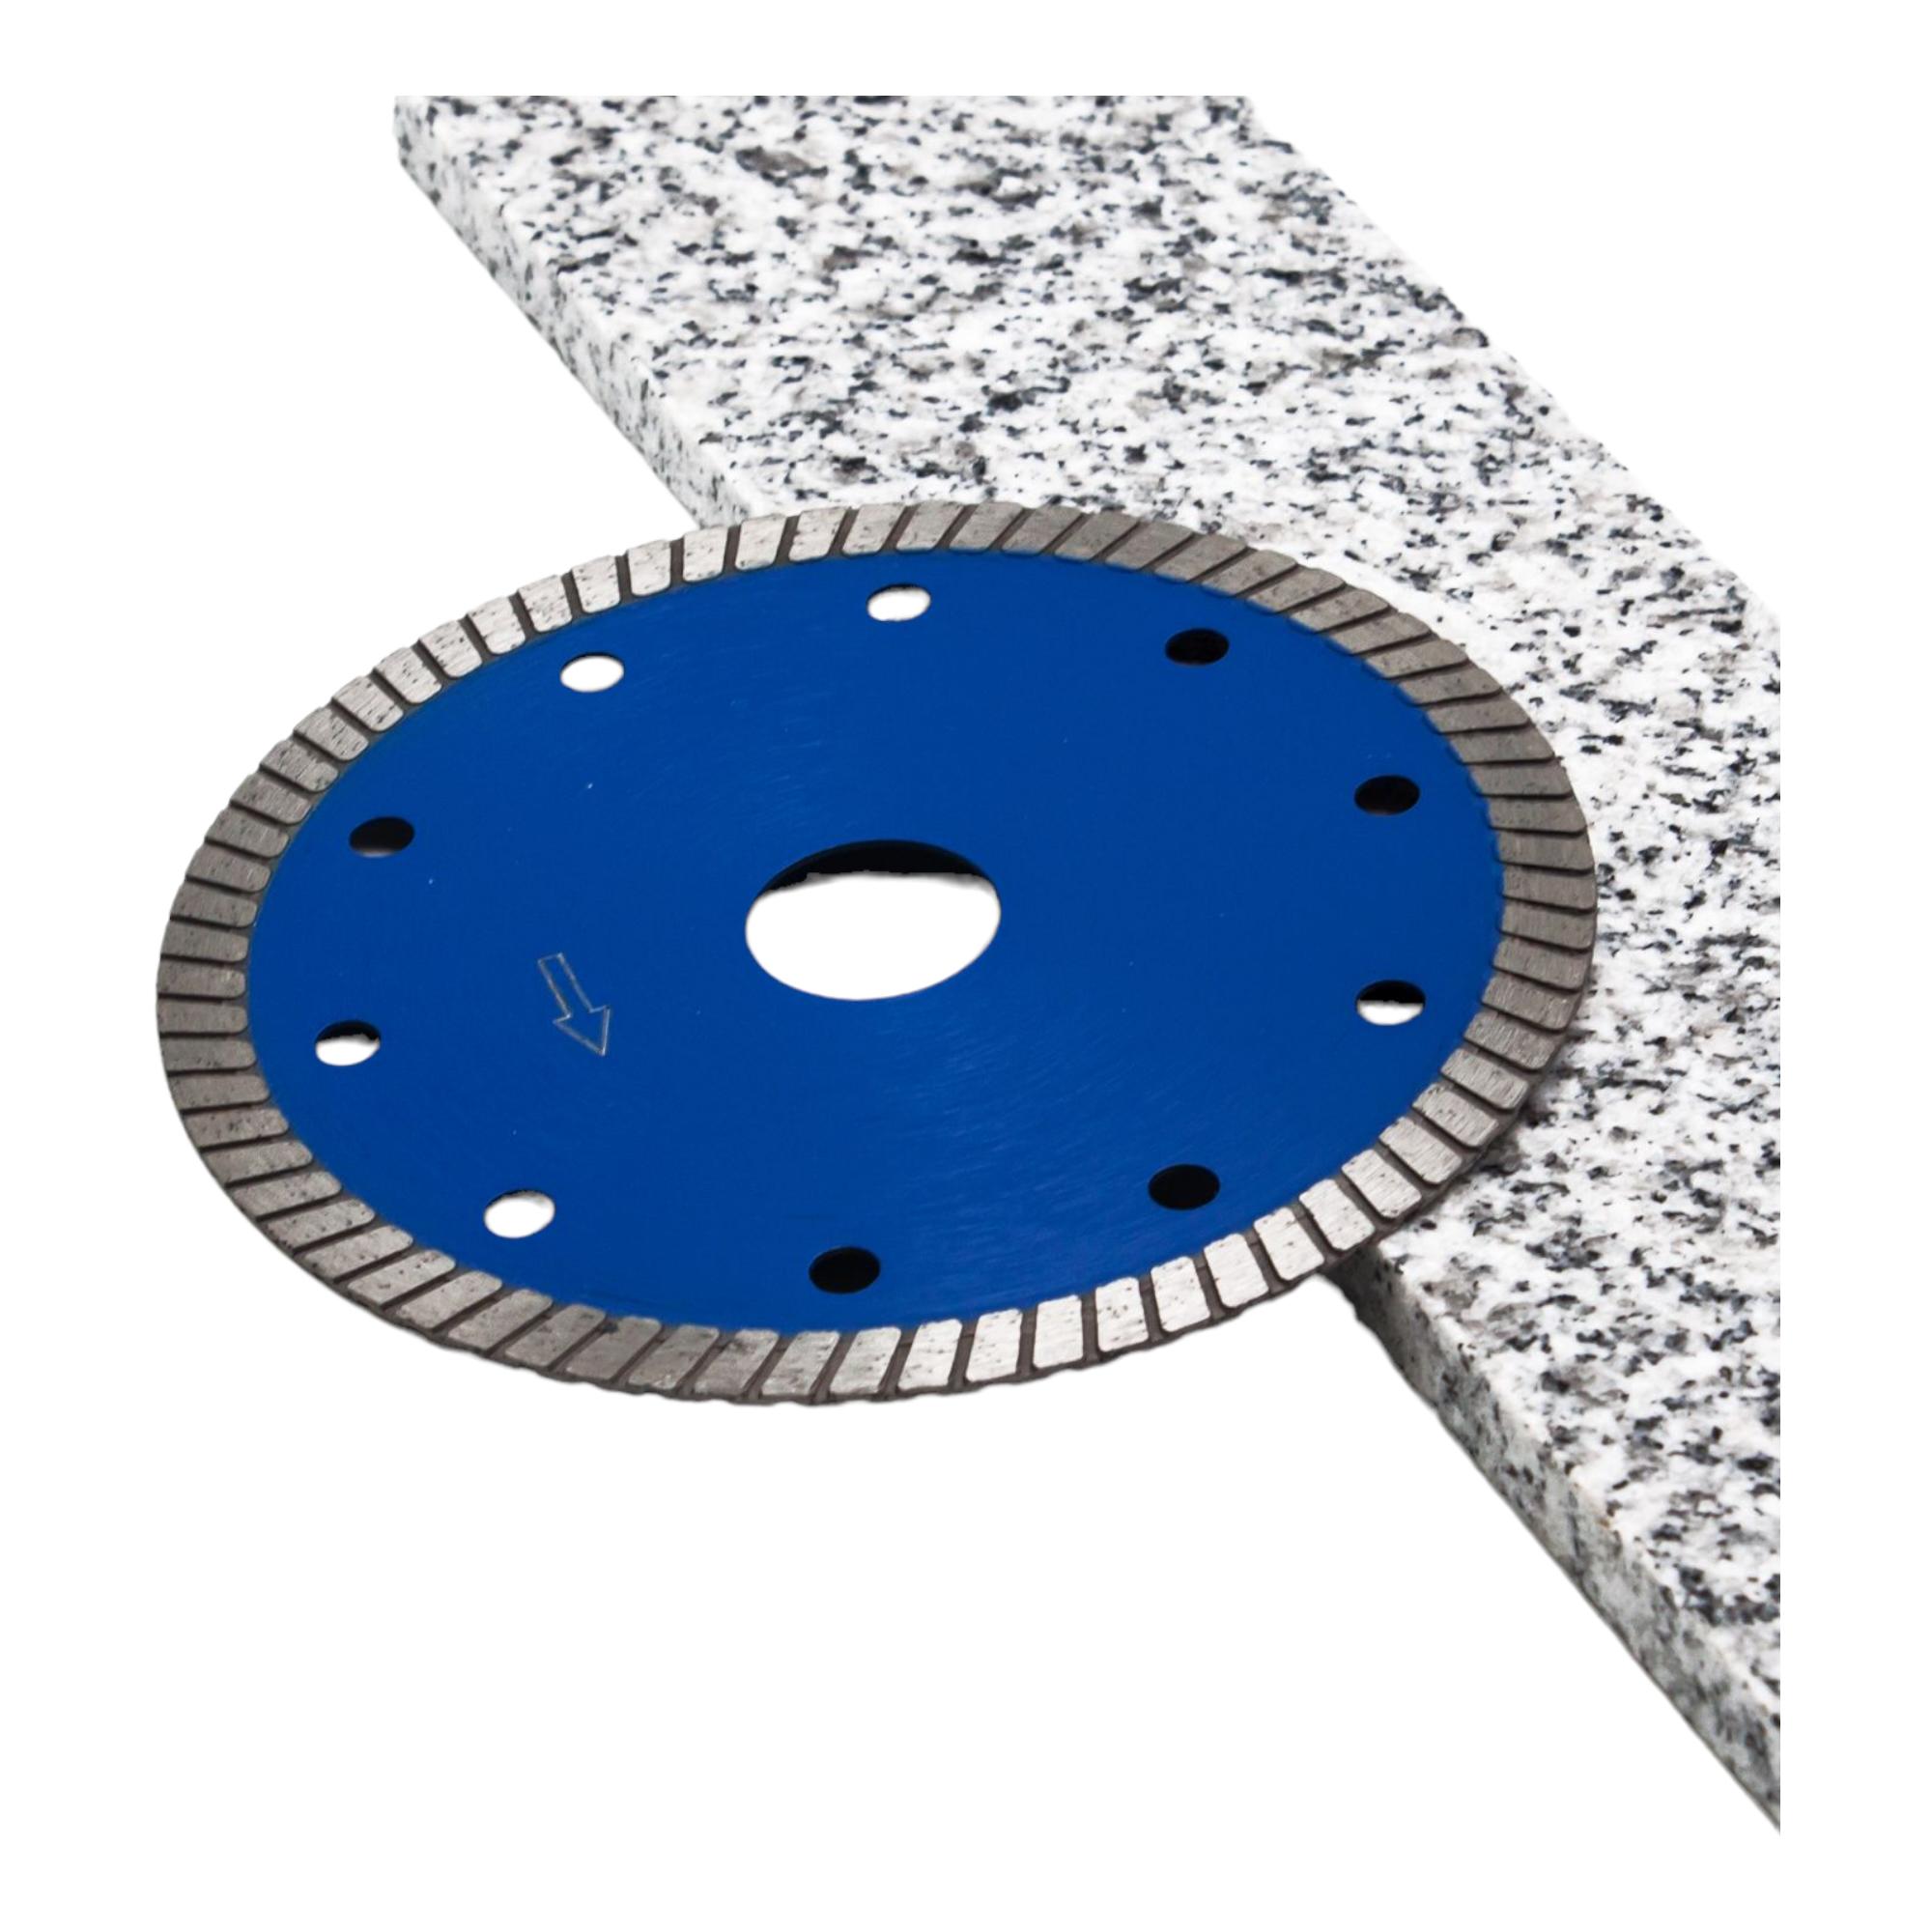 diamantscheibe fliesen premium turbo 125 mm granit. Black Bedroom Furniture Sets. Home Design Ideas